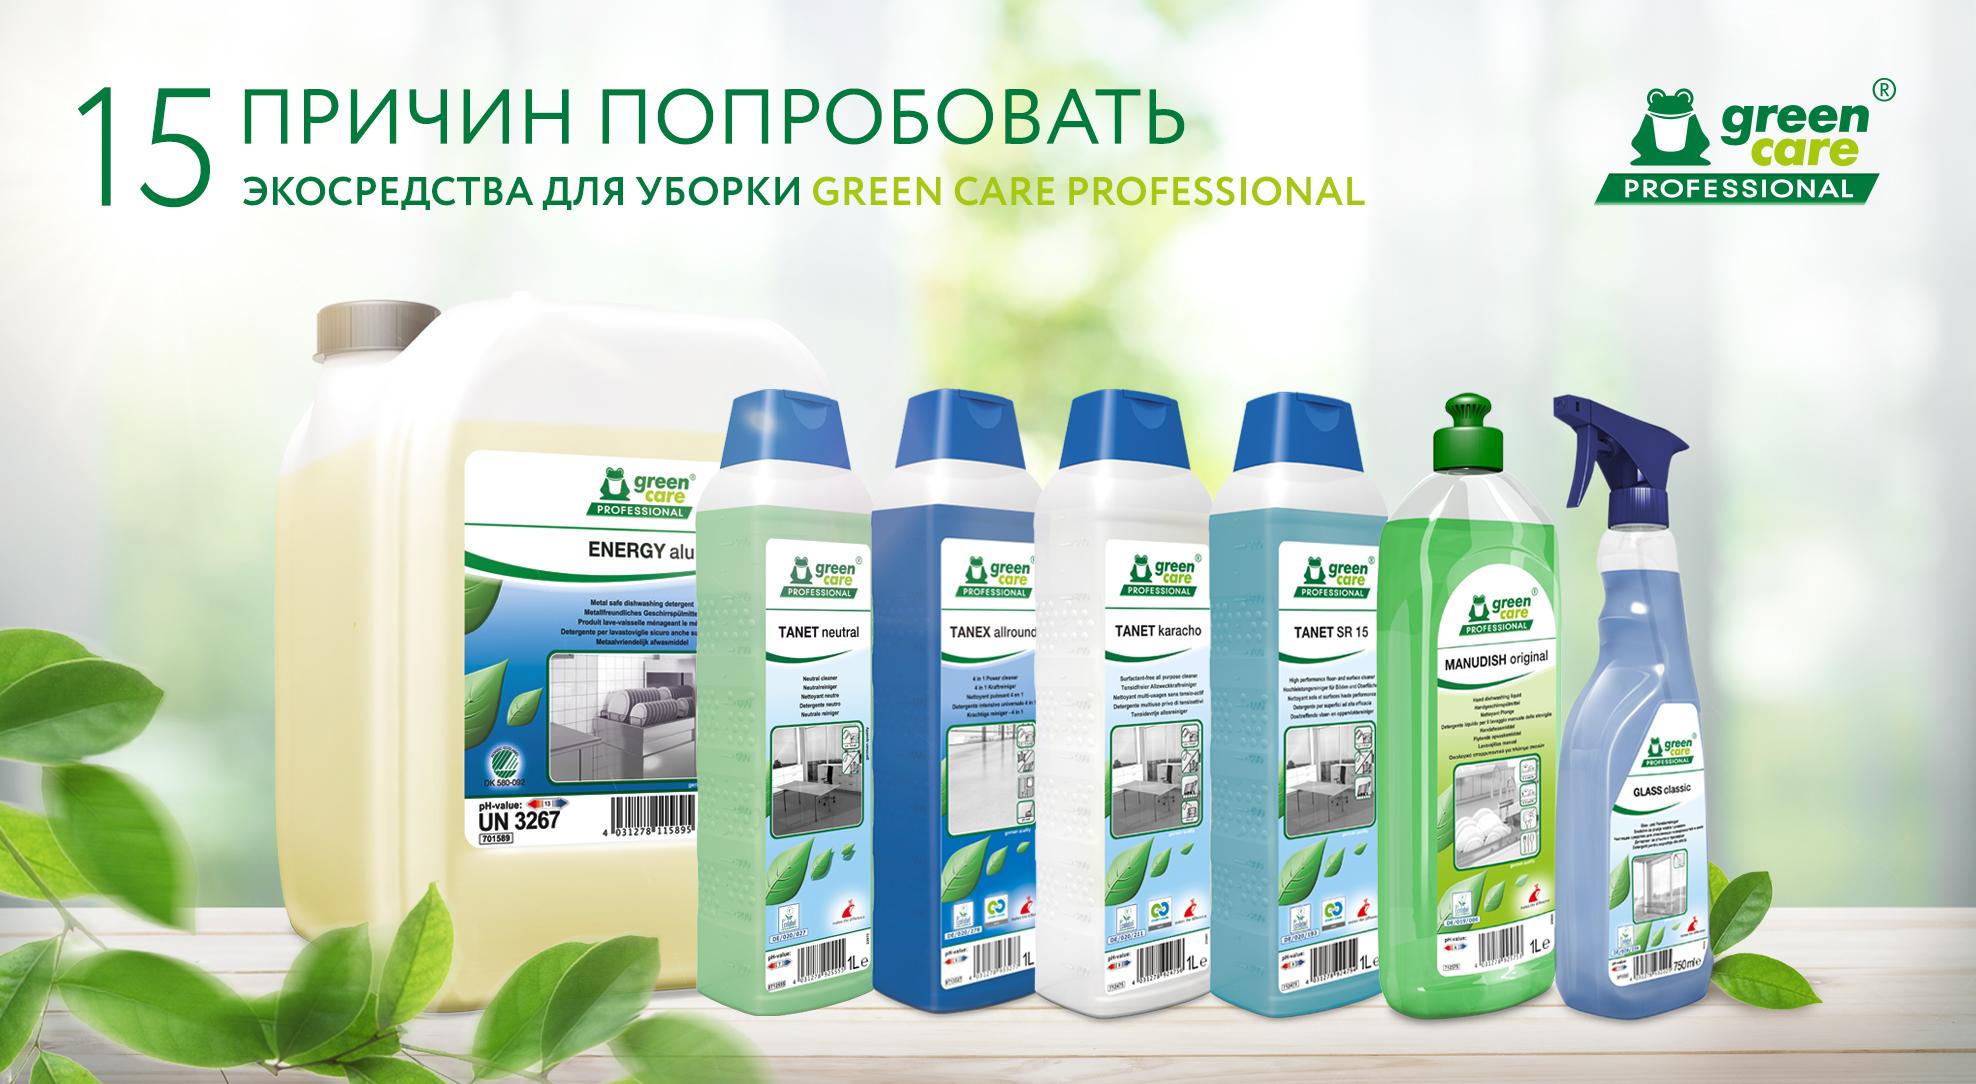 15 причин попробовать ЭКОСРЕДСТВА для уборки greencare PROFESSIONAL